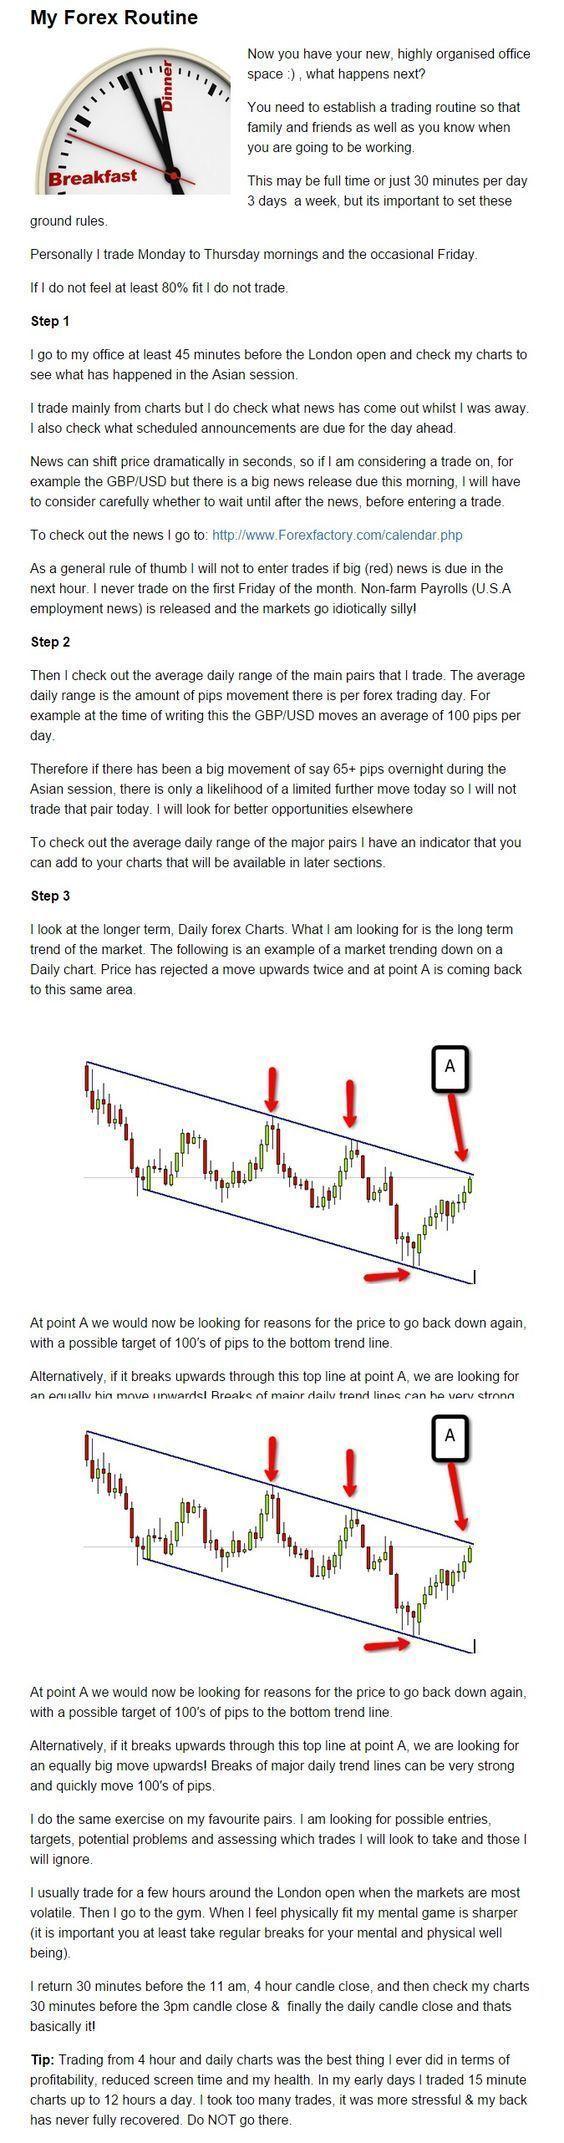 Cara analisis fundamental forex prova gratuita di trading online ottenere scorte di trading ricco